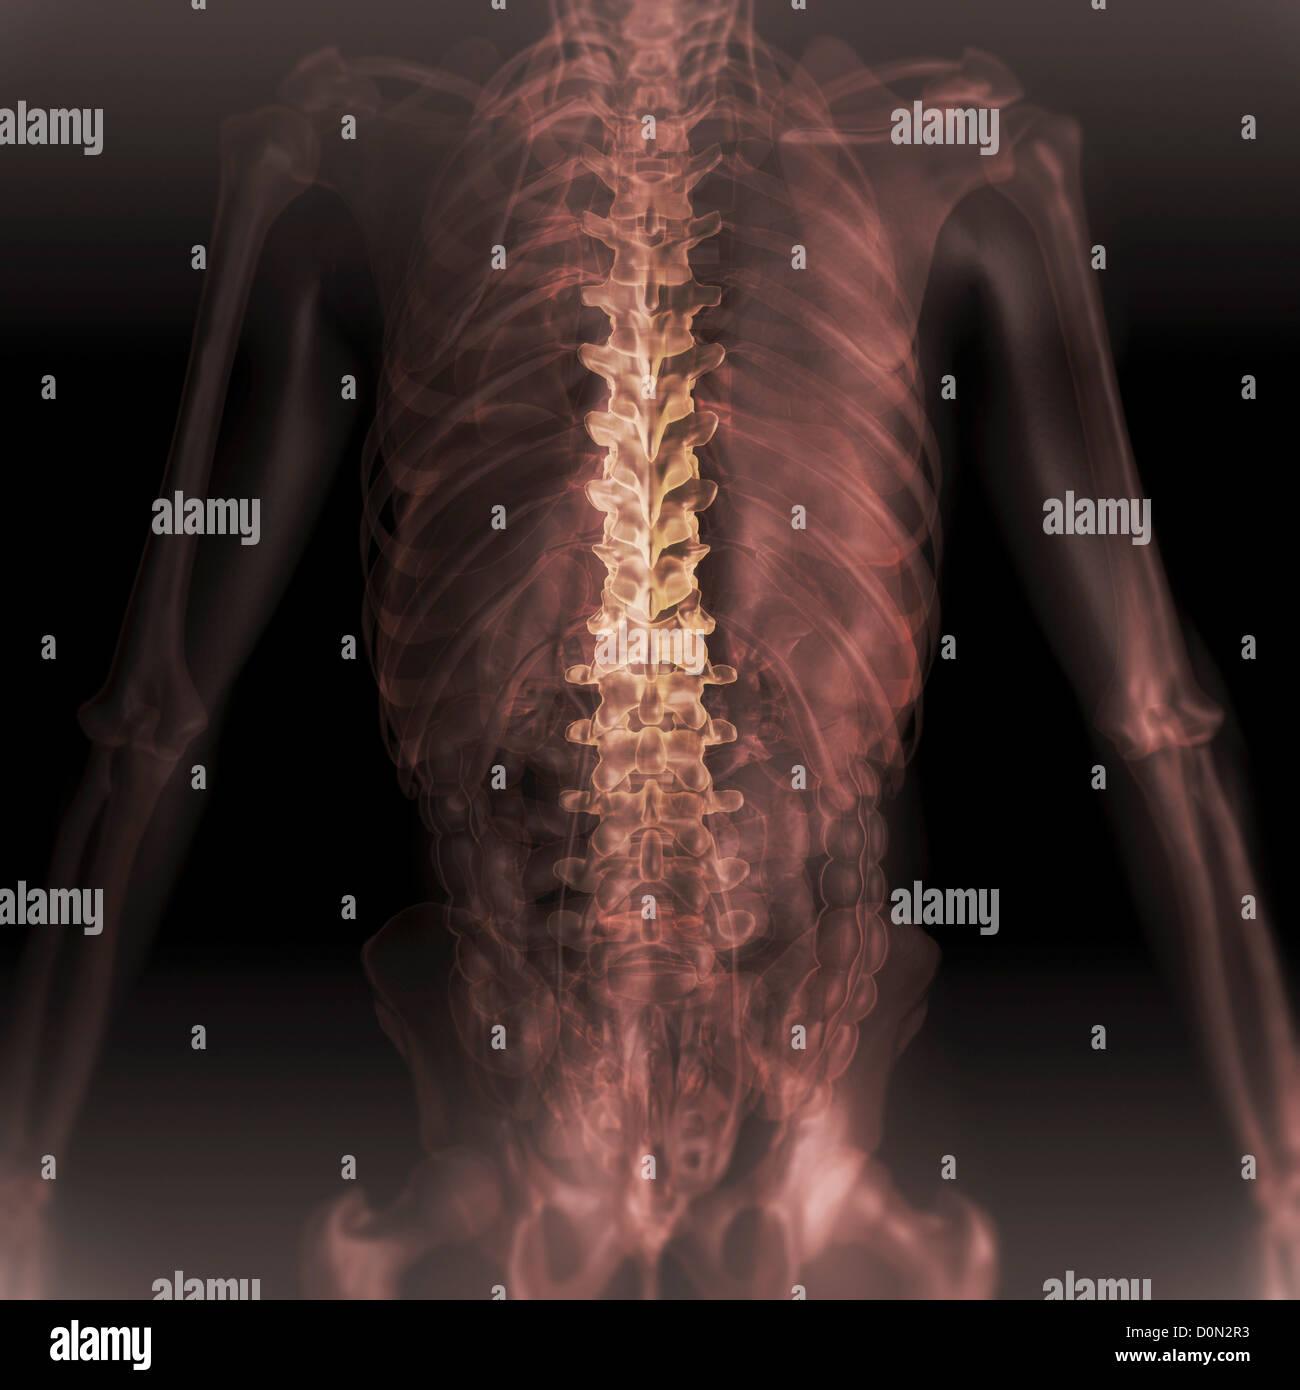 Hintere Ansicht Anatomie zurück transparente Haut offenbart Innere ...